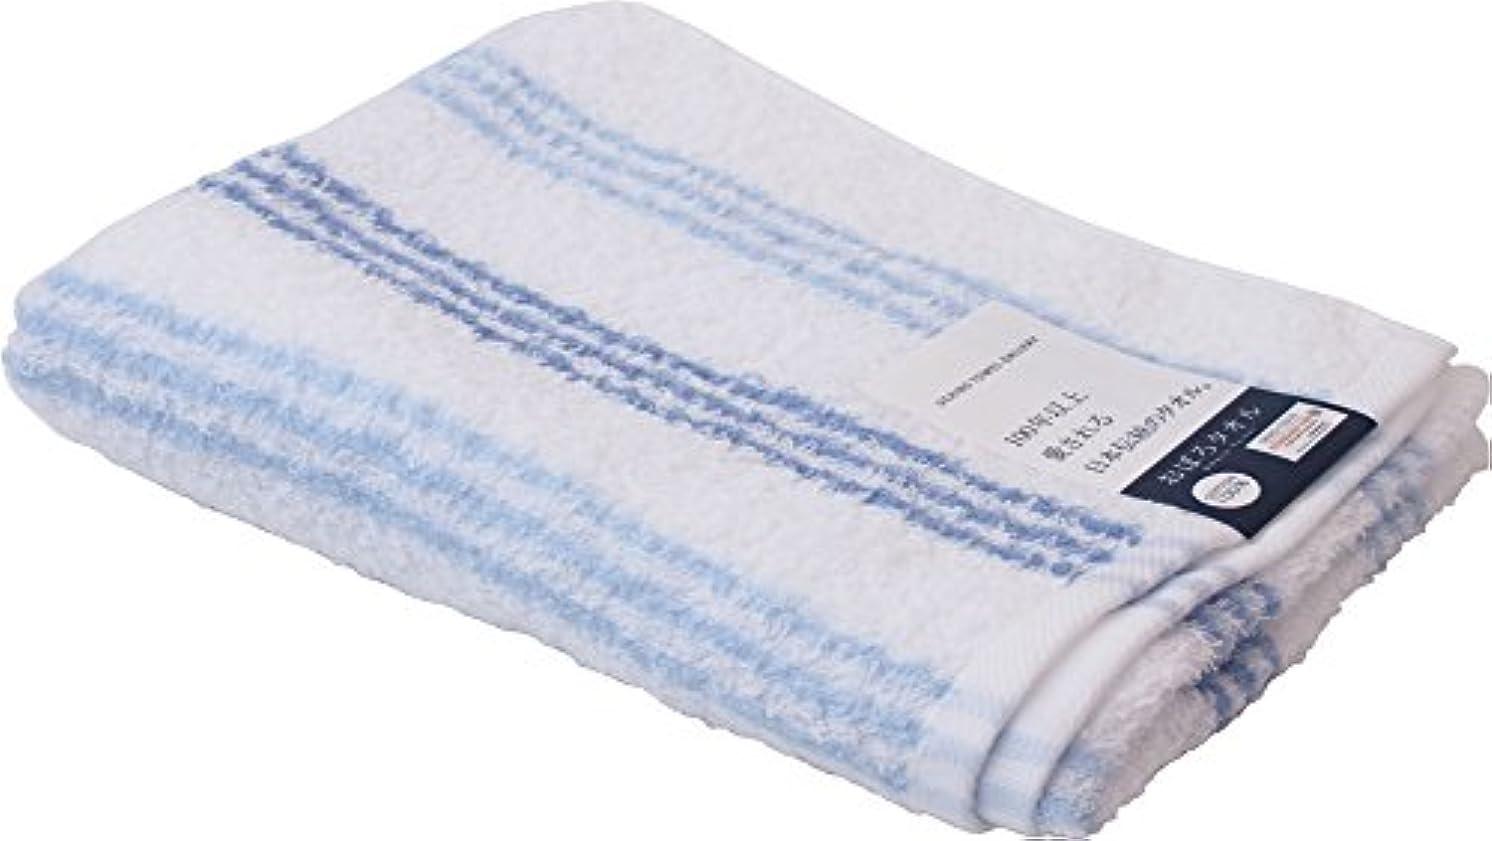 ガイドくさび孤独なUCHINO 浴用タオル おぼろストライプC 薄く軽く乾きやすい34×90cm ブルー 8807Y619 B